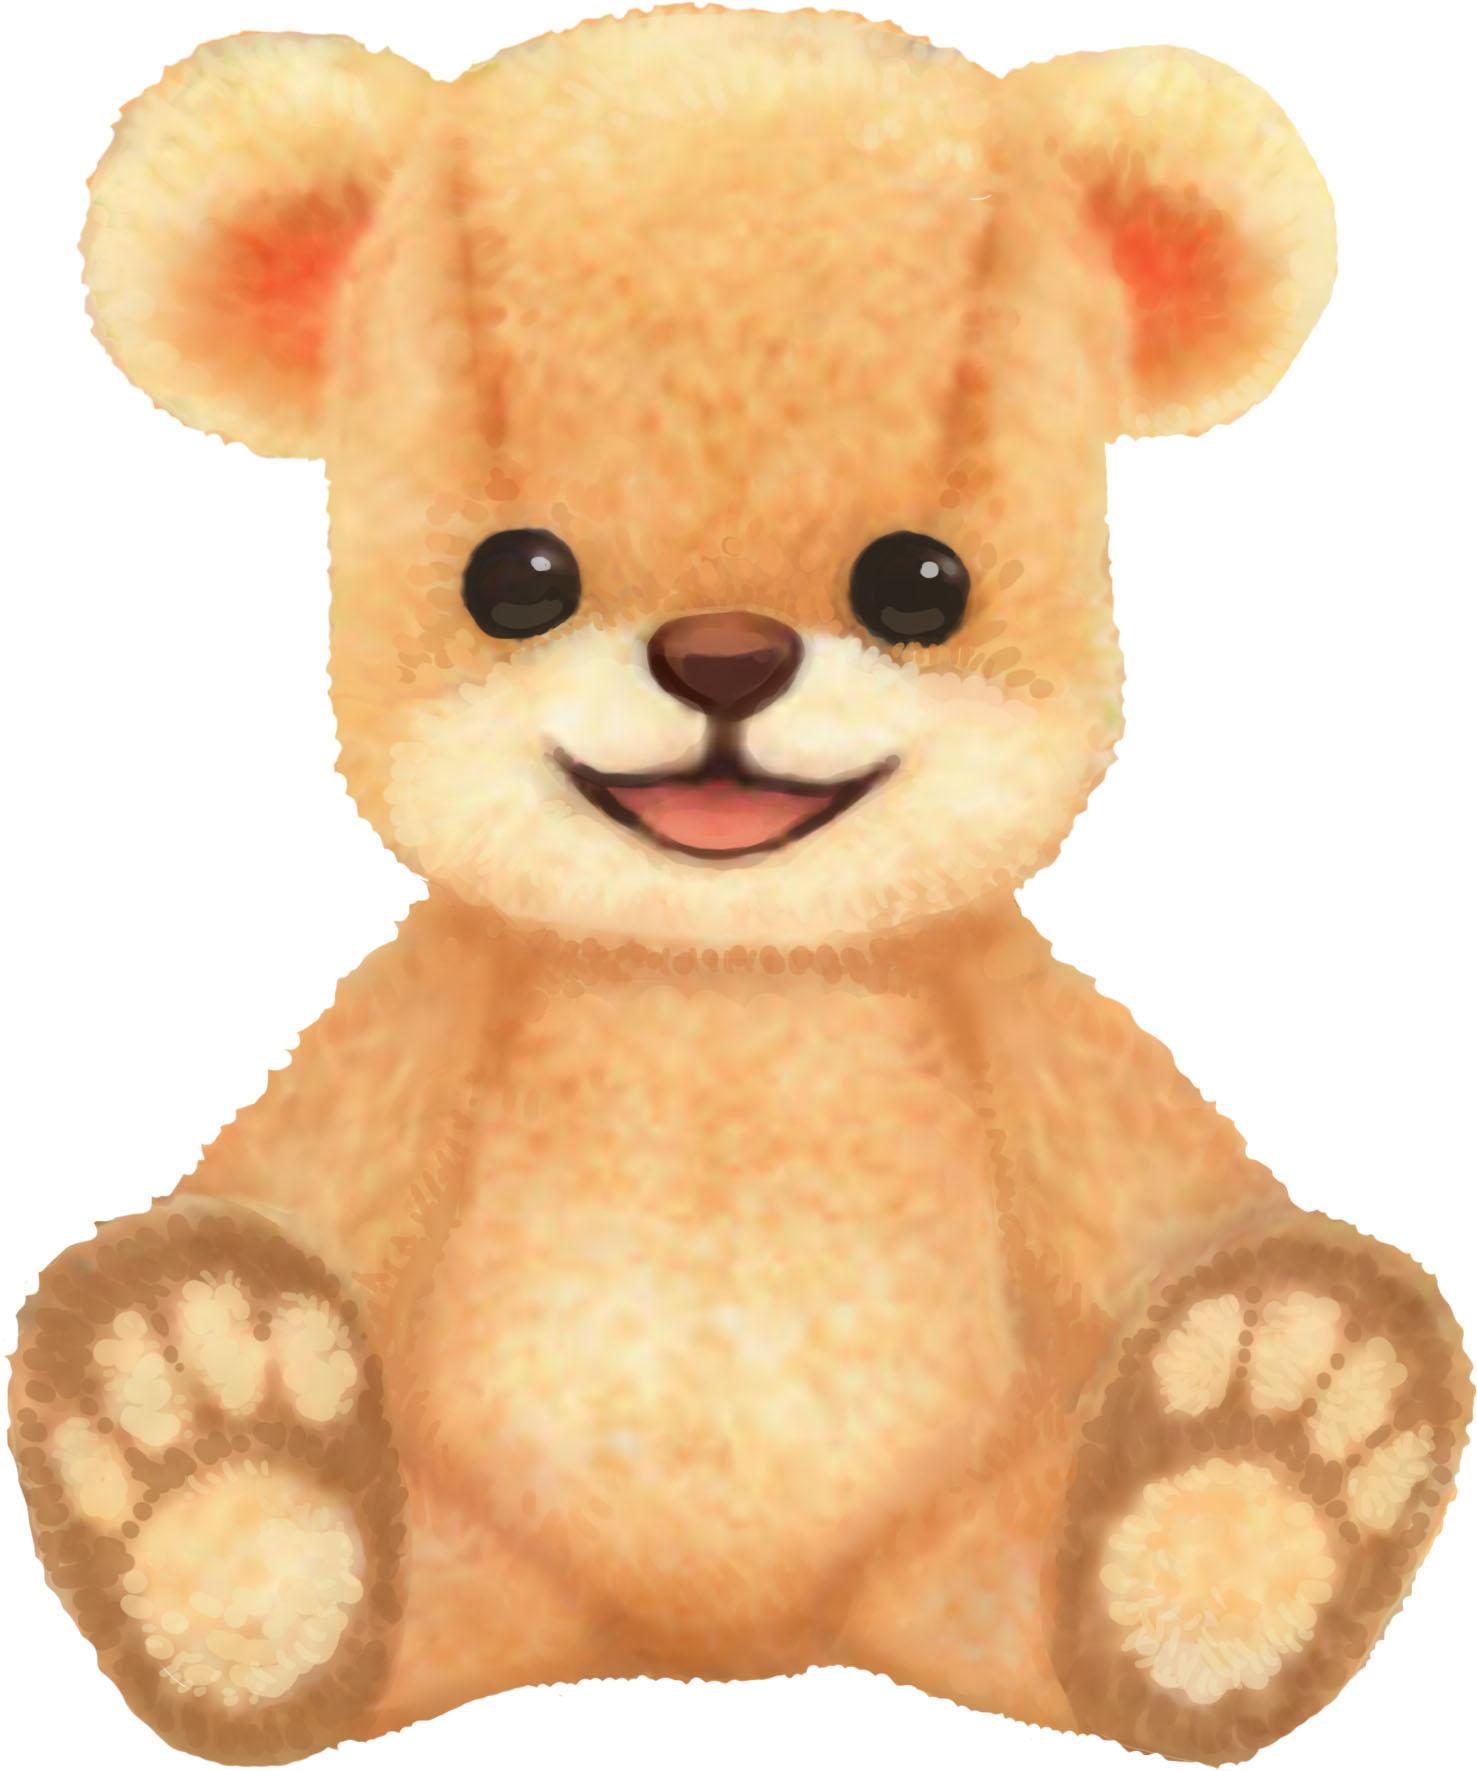 Teddy Together char (1)